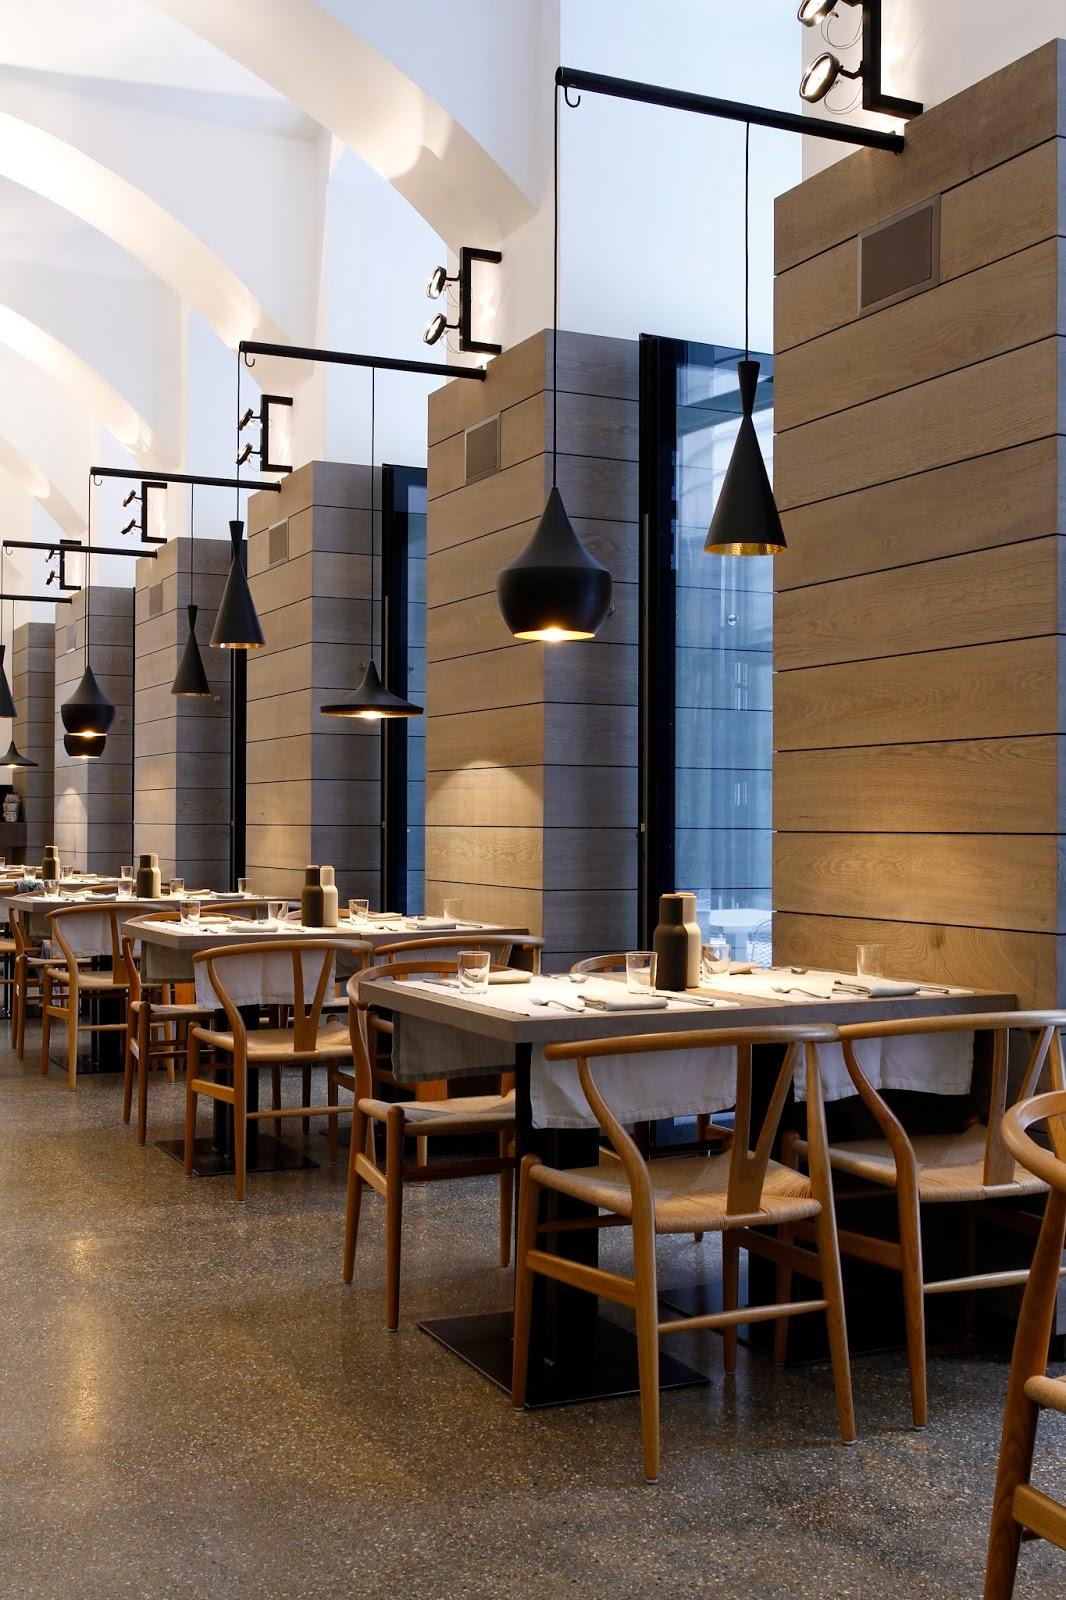 Rainer wallmann commercial interior design restaurant for Interior design wien